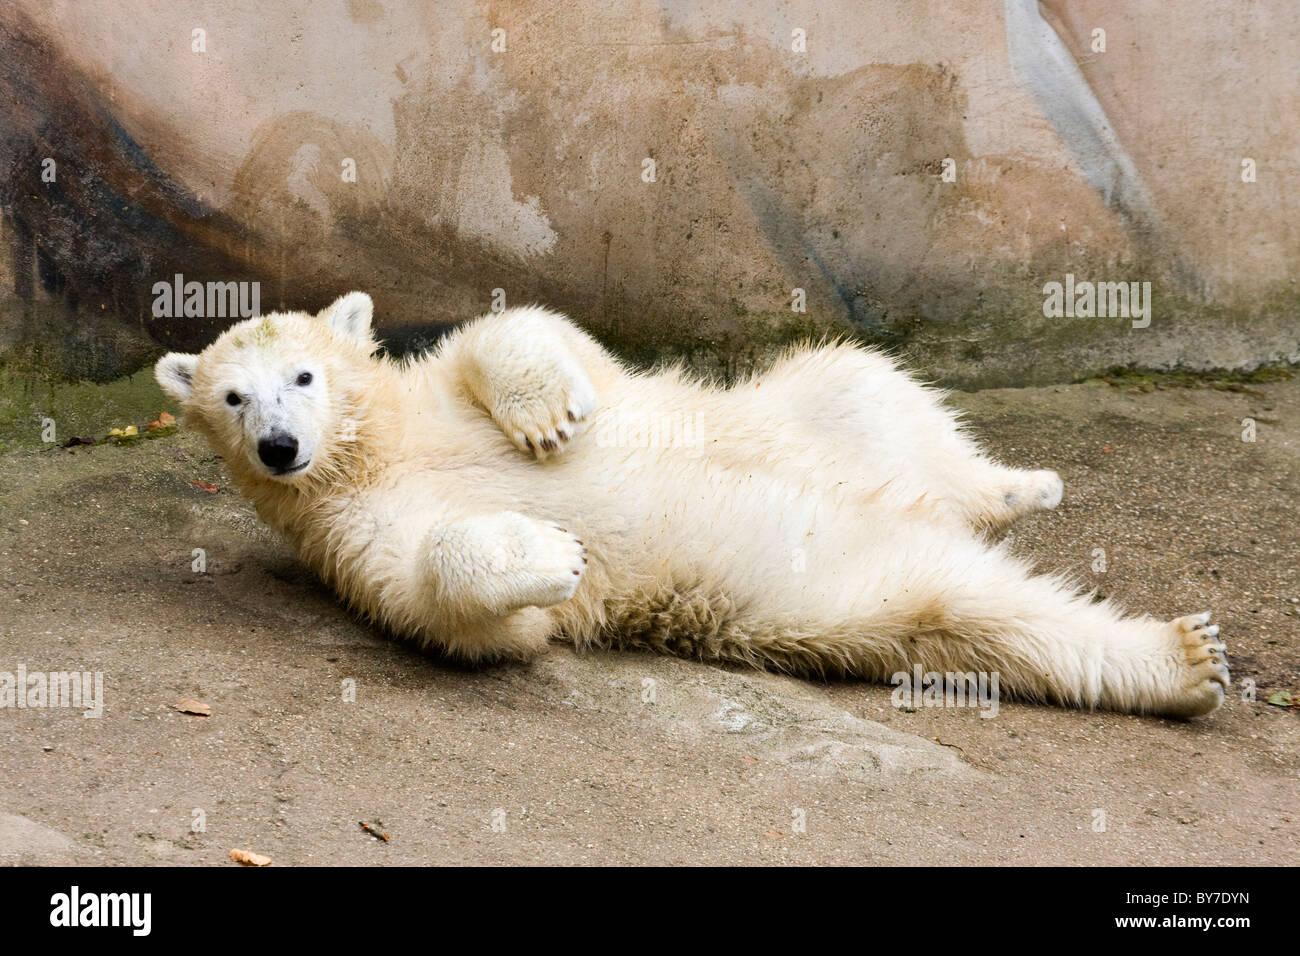 Kid of Polar Bear (Ursus maritimus, Thalarctos maritimus) - Stock Image